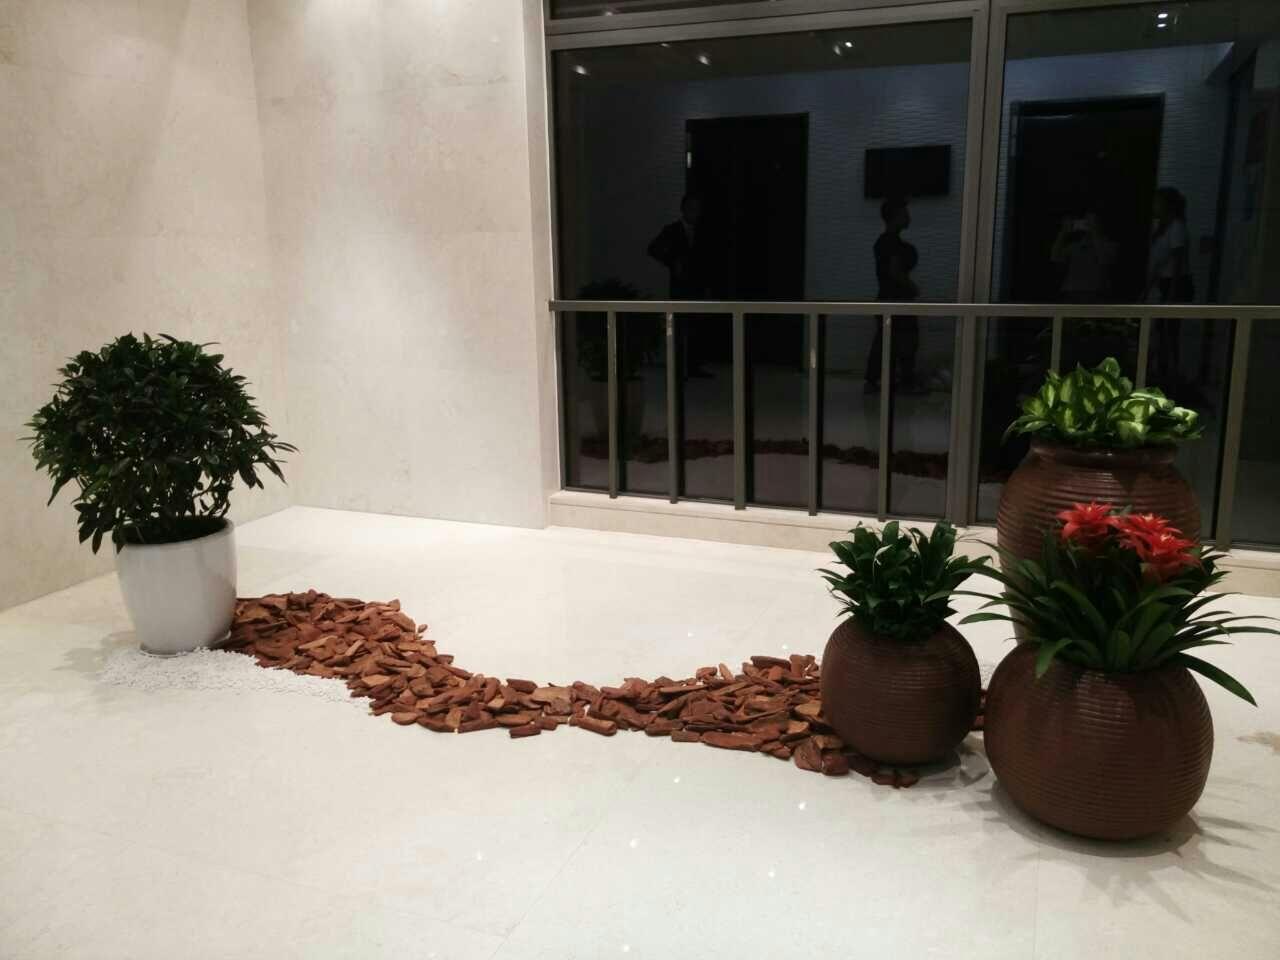 哈爾濱花卉工程 哈爾濱書雅園藝_聲譽好的哈爾濱花卉租賃公司